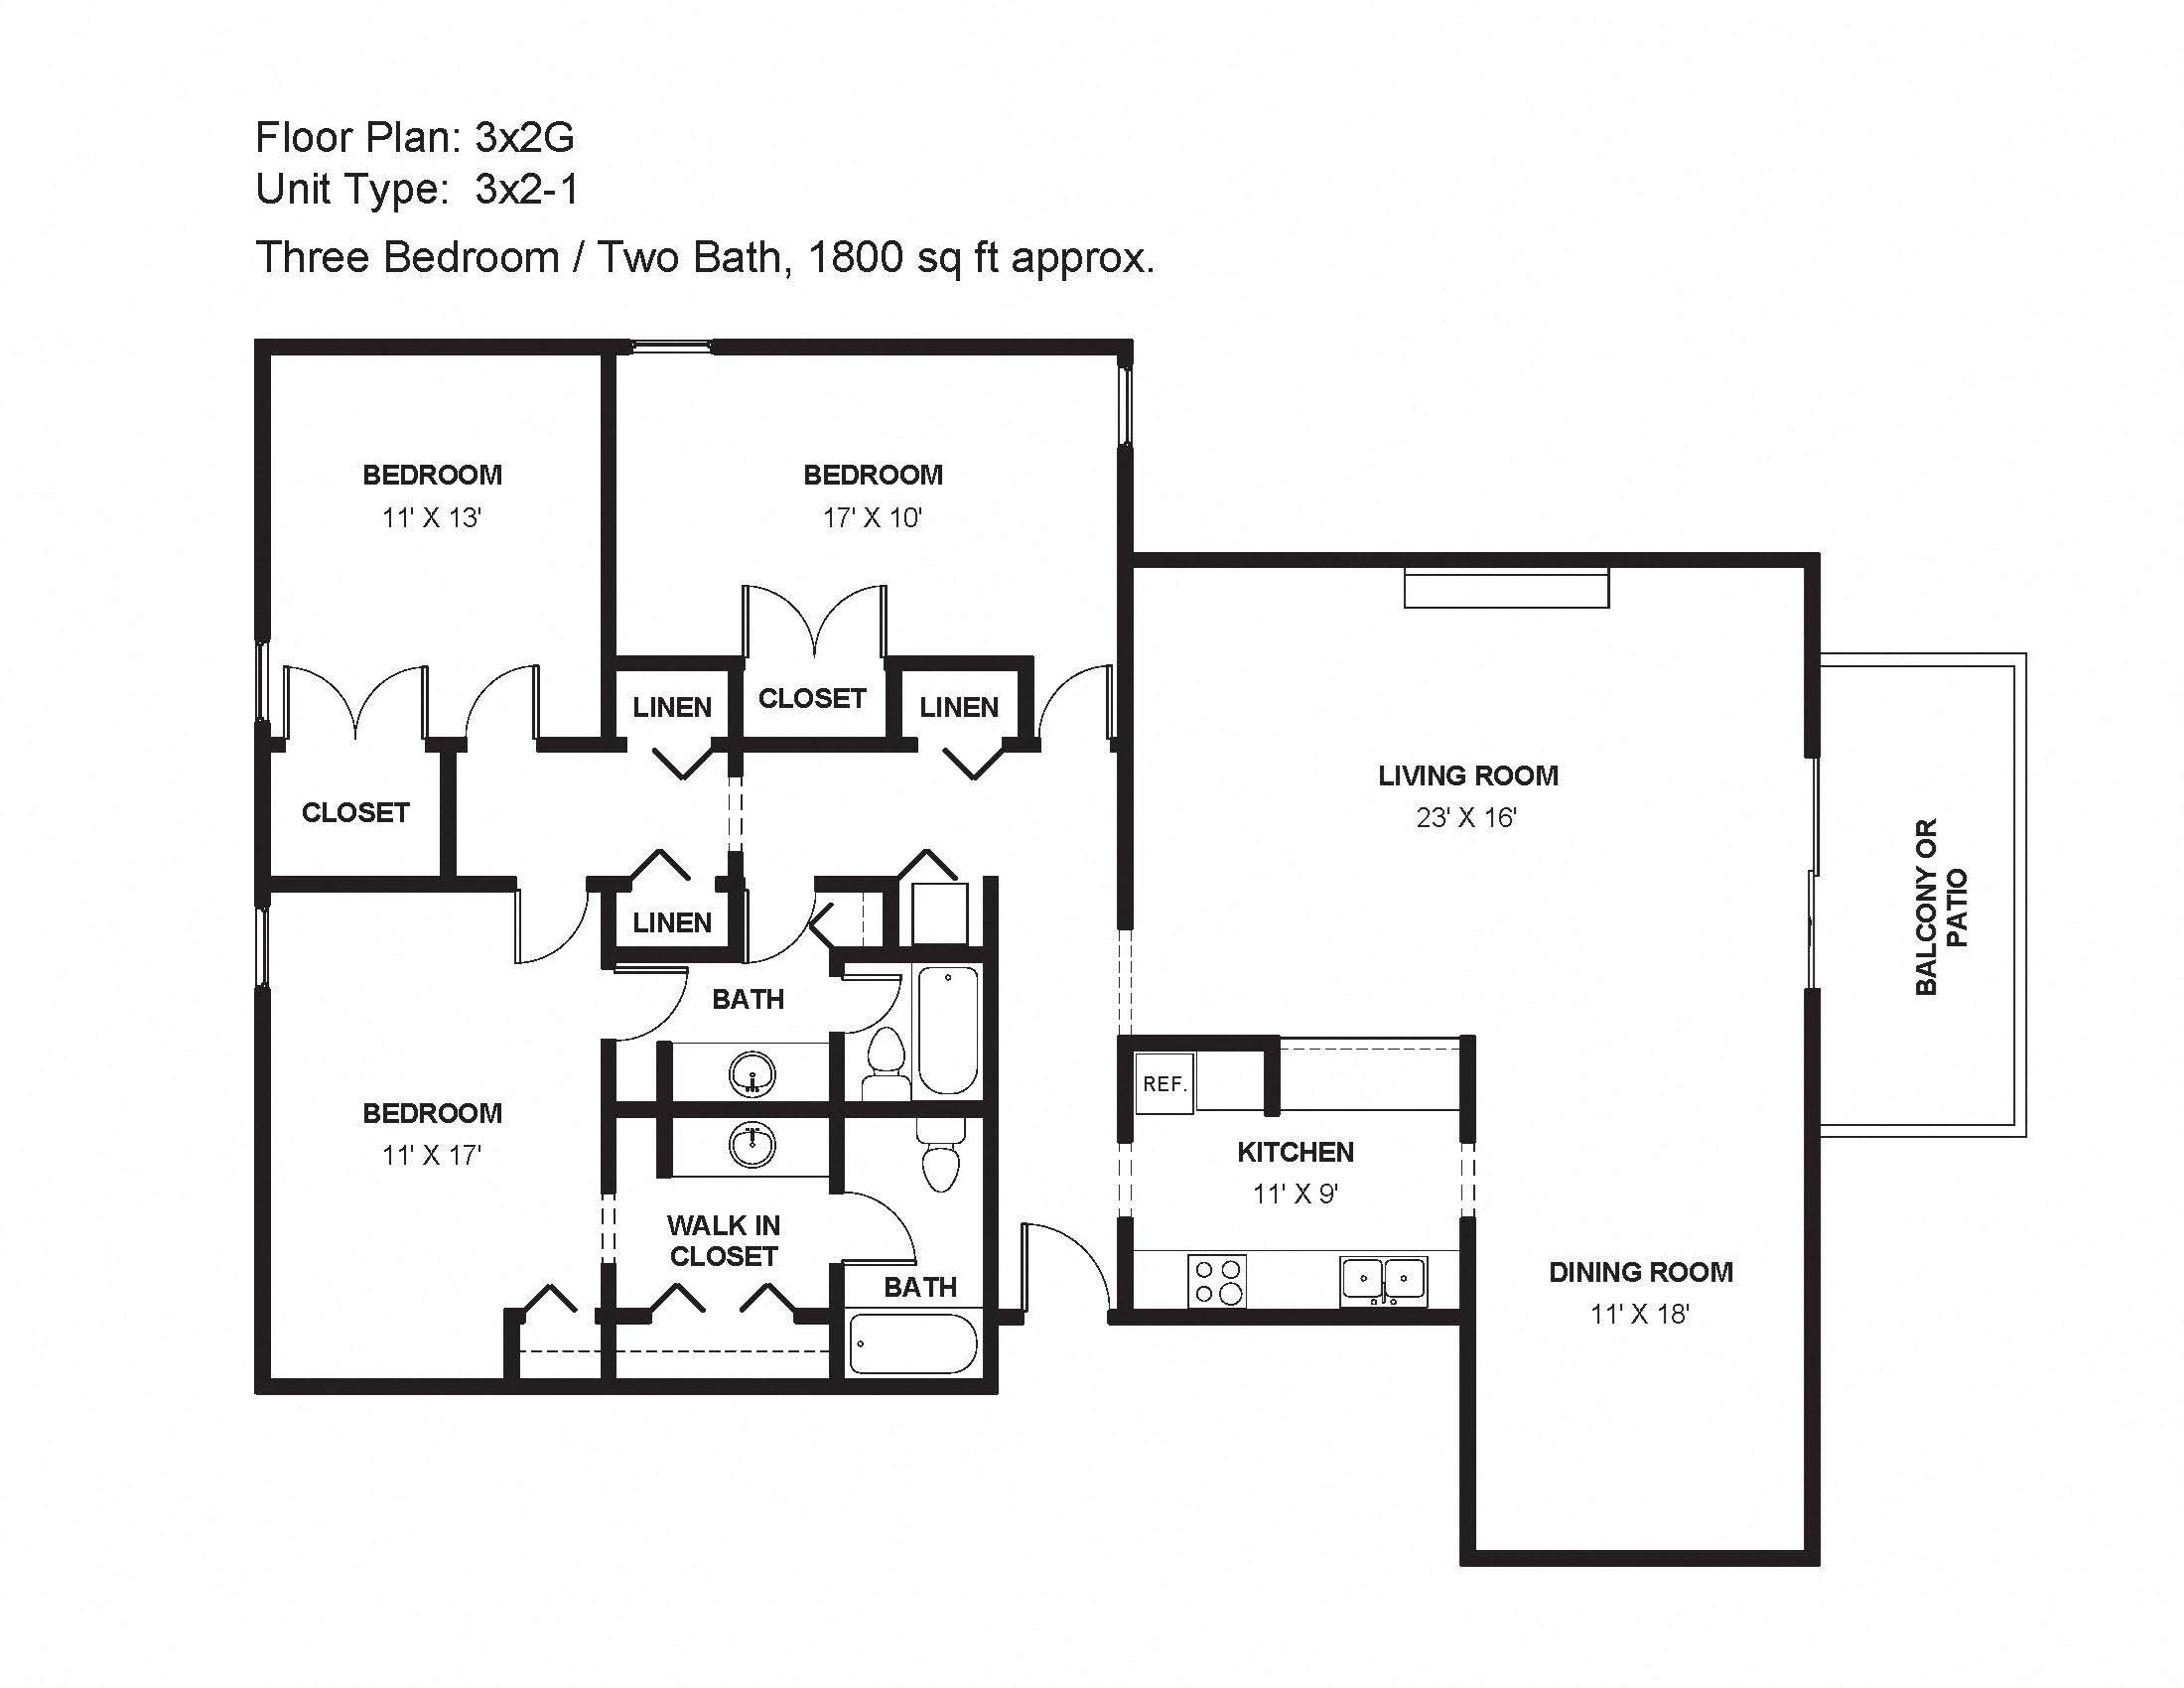 3x2G Floor Plan 34